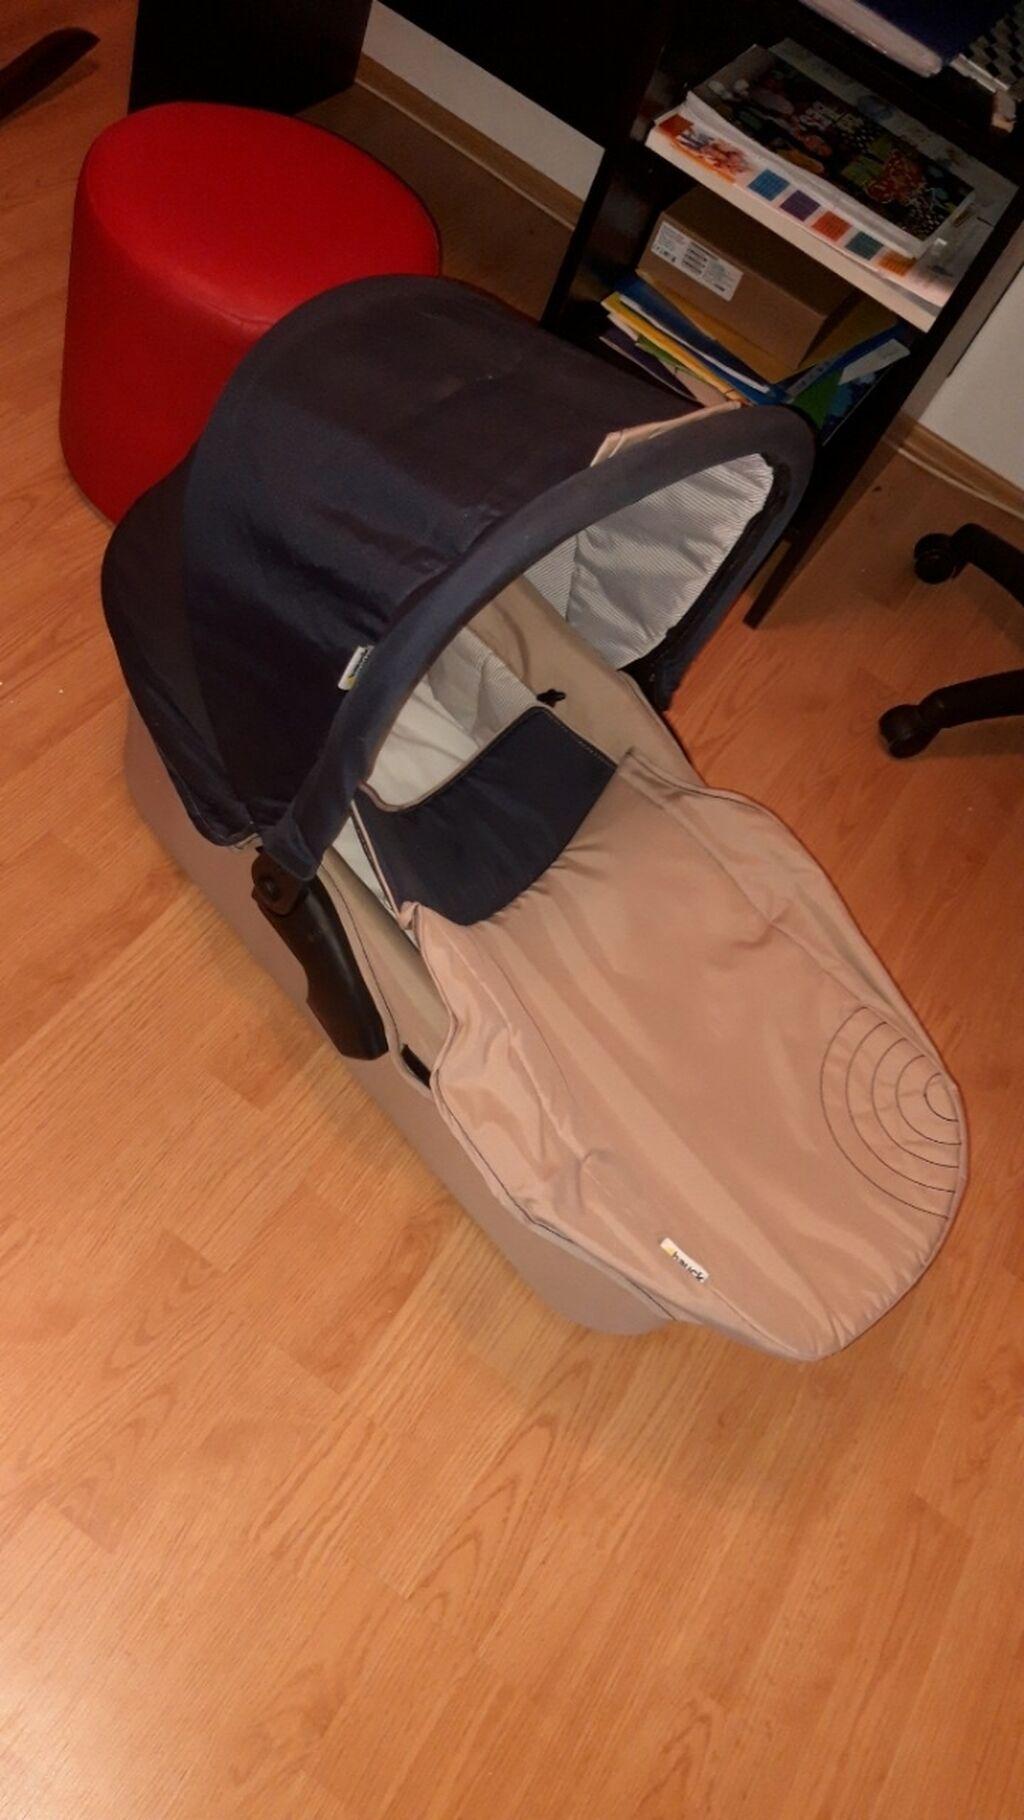 Kolica za bebe i decu - Zrenjanin: Hauck 3 u 1 set, kolica, nosiljka i sedište. U dobrom stanju